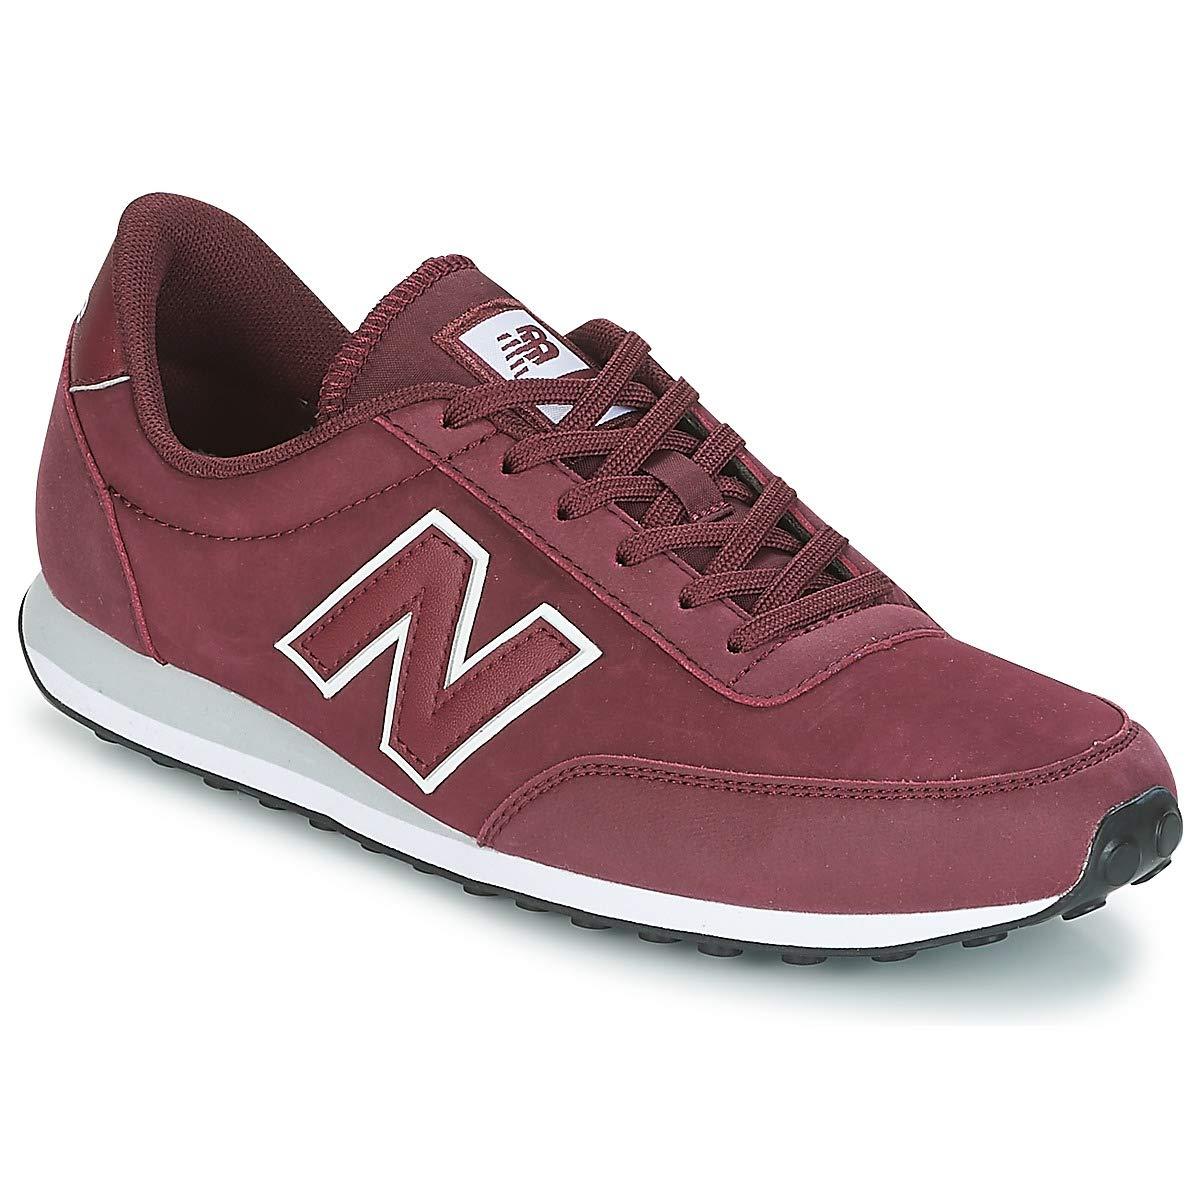 New Balance 410, Zapatillas para Hombre